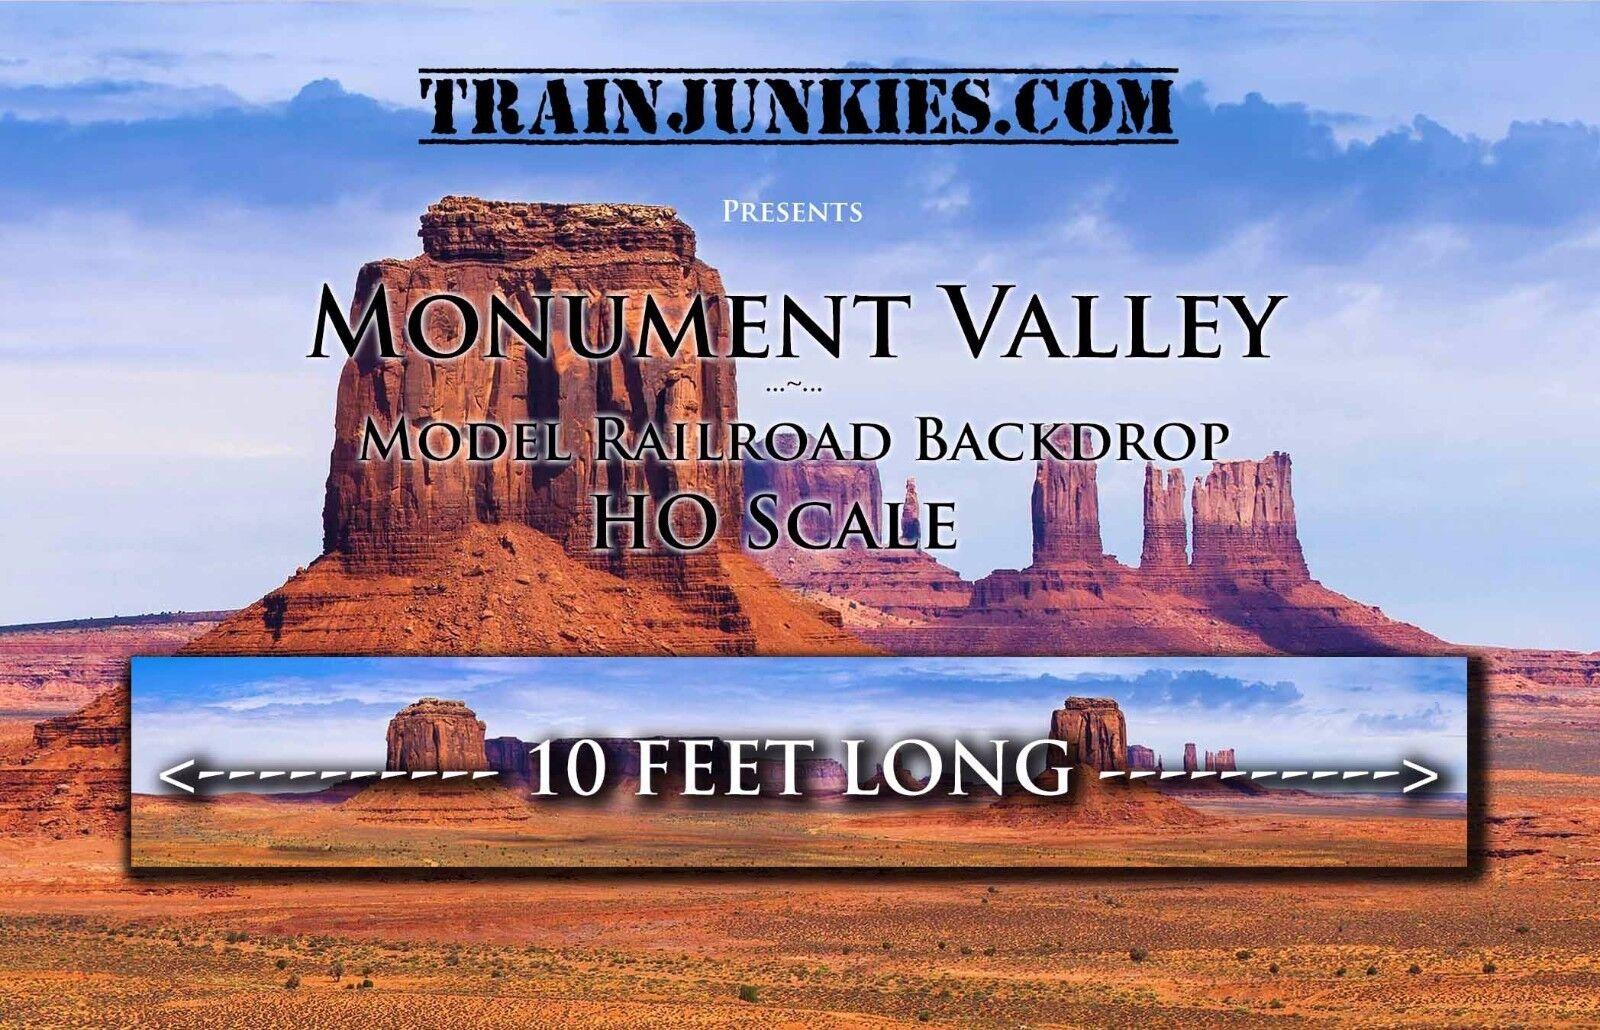 Venta en línea precio bajo descuento Escala Ho Ho Ho Tren Junkies  Valle Monumento  modelo del ferroCocheril telón de fondo 18X120   hasta un 60% de descuento